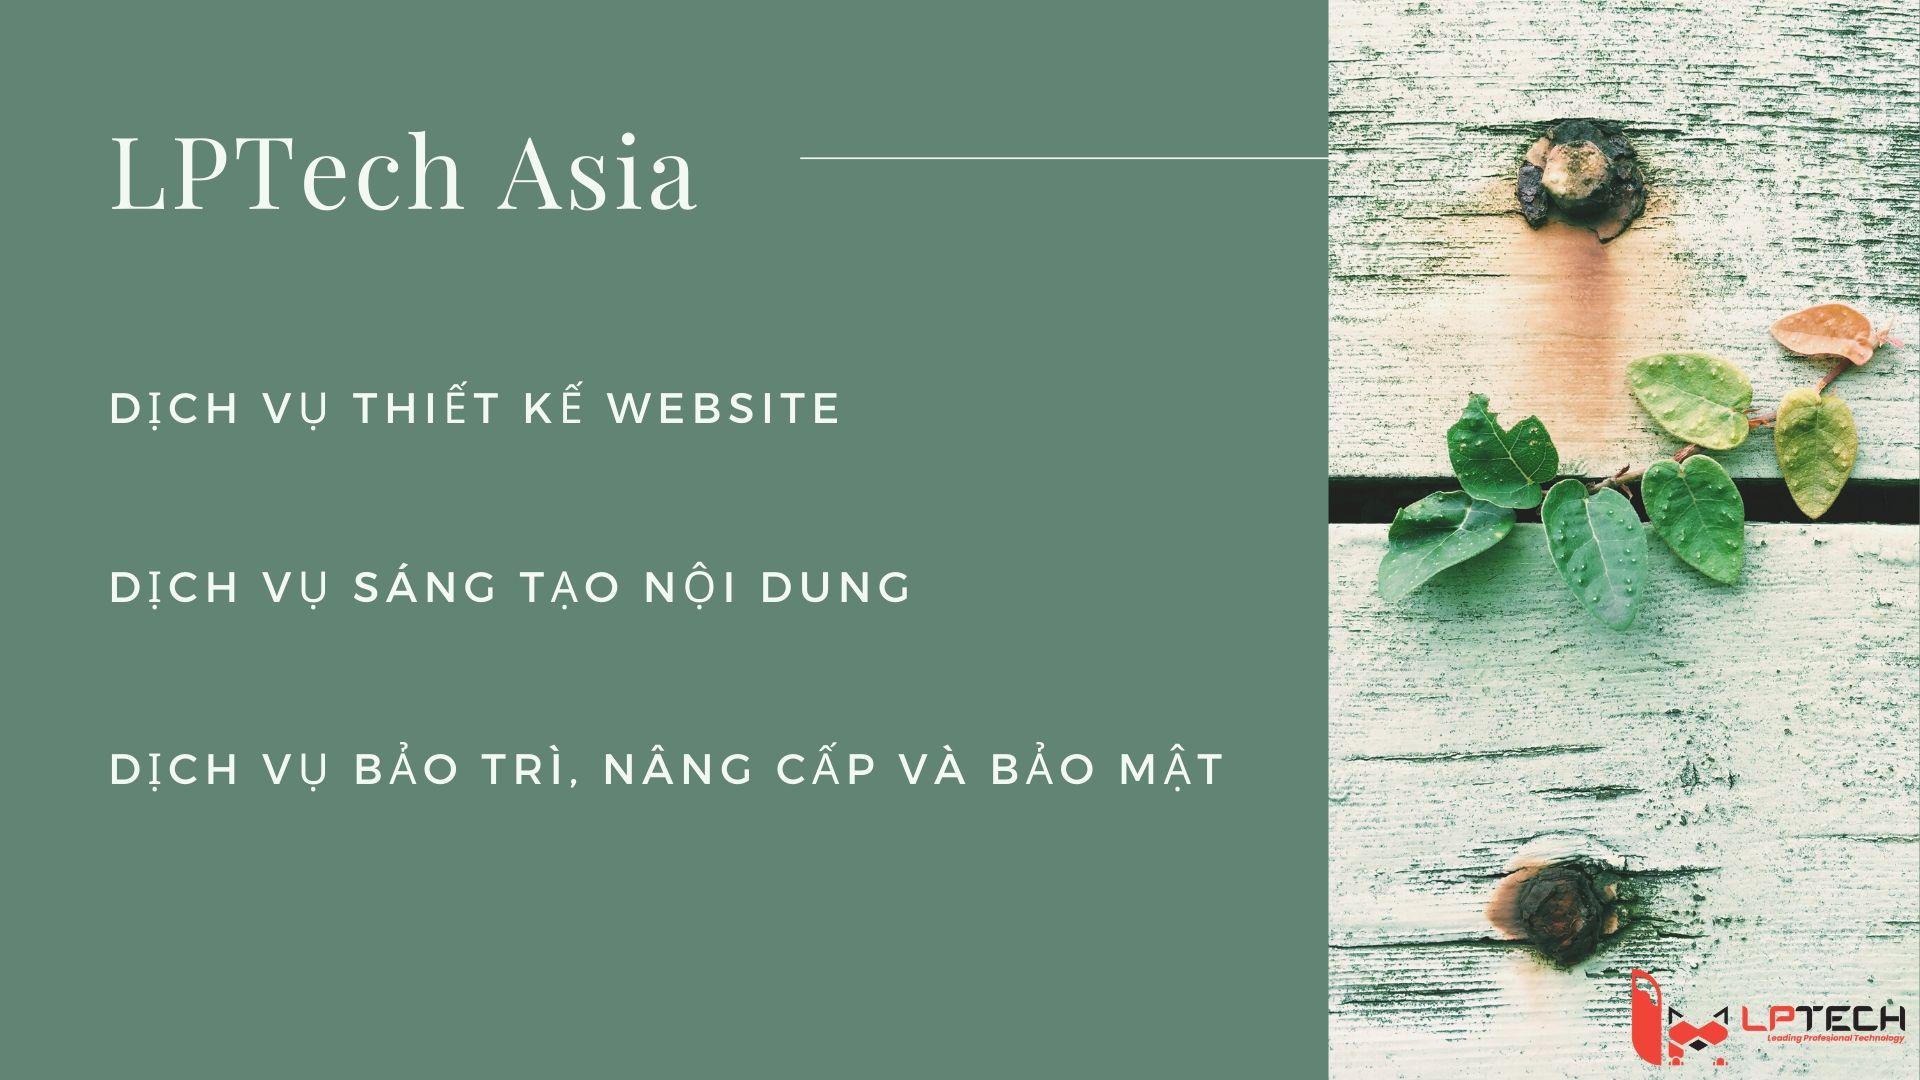 Các dịch vụ cung cấp bởi LPTech Asia